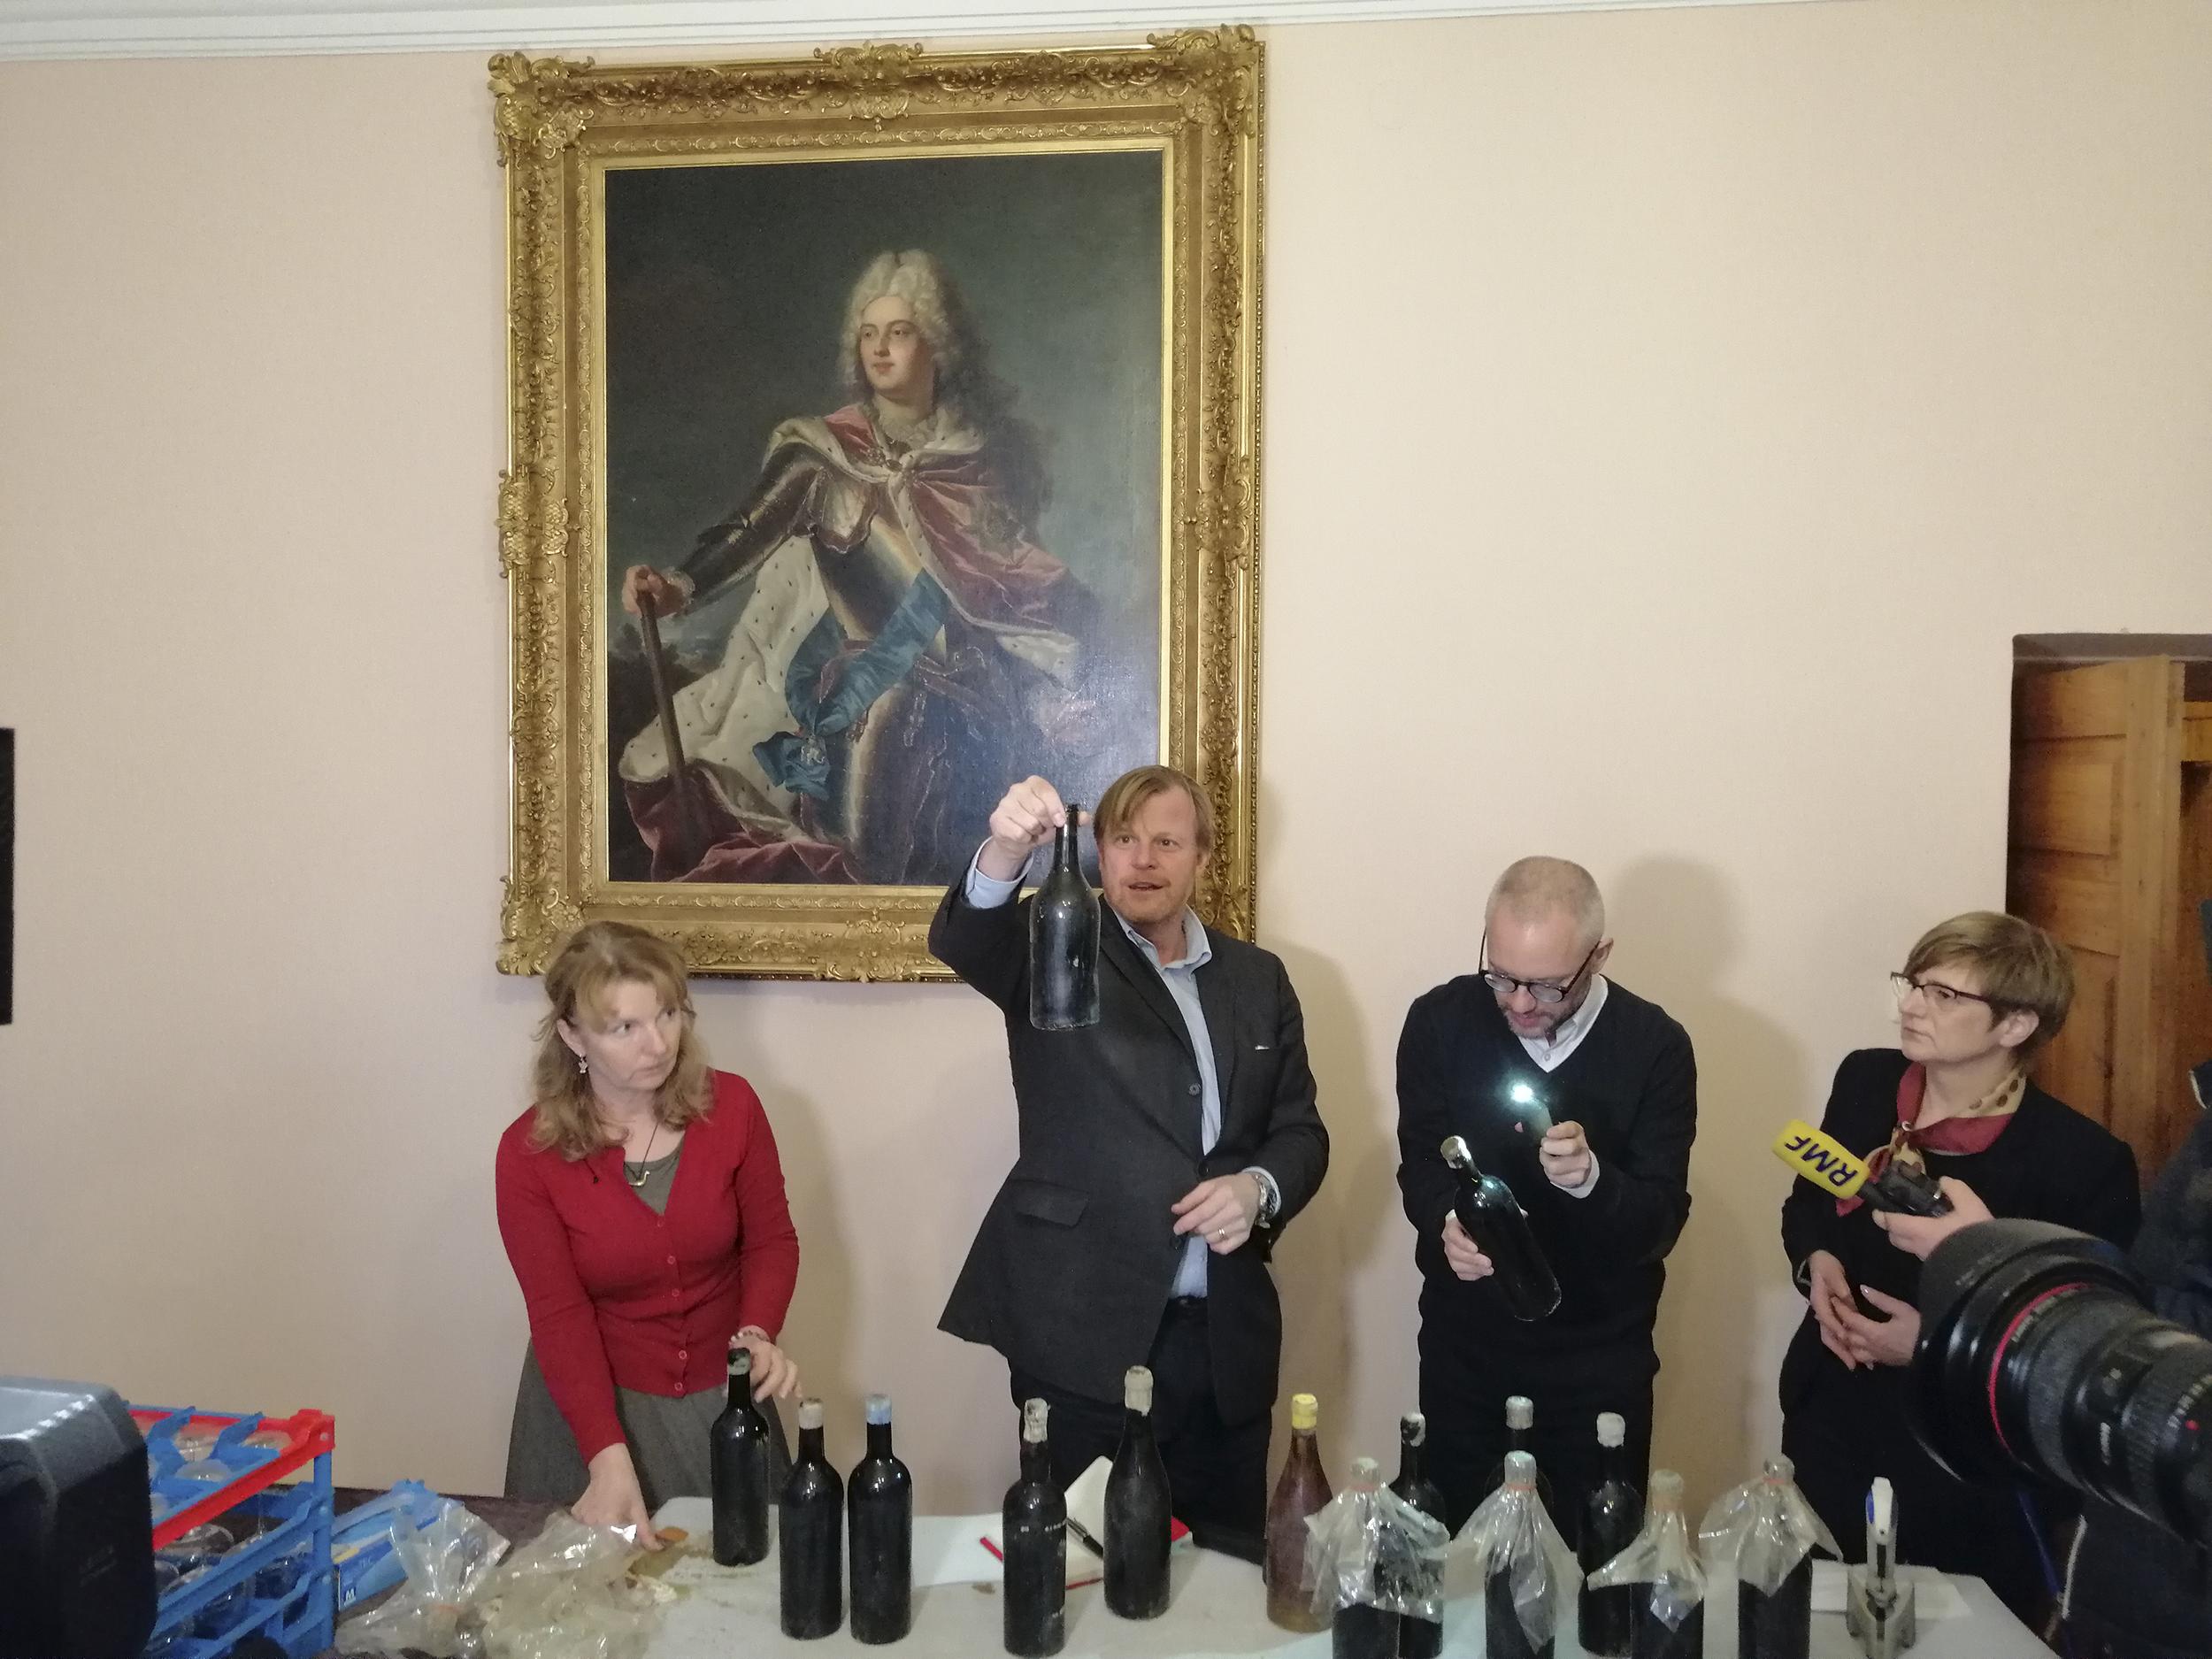 Fotografia. Konferencja prasowa. Dwie kobiety i między nimi dwaj mężczyźni stojący za stołem, na którym ustawione są zakurzone i zabezpieczone folia butelki z winem. Jeden z mężczyzn trzyma wysoko butelkę i przygląda się jej z zaciekawieniem, drugi nachylony przygląda się butelce podświetlając ją latarką.